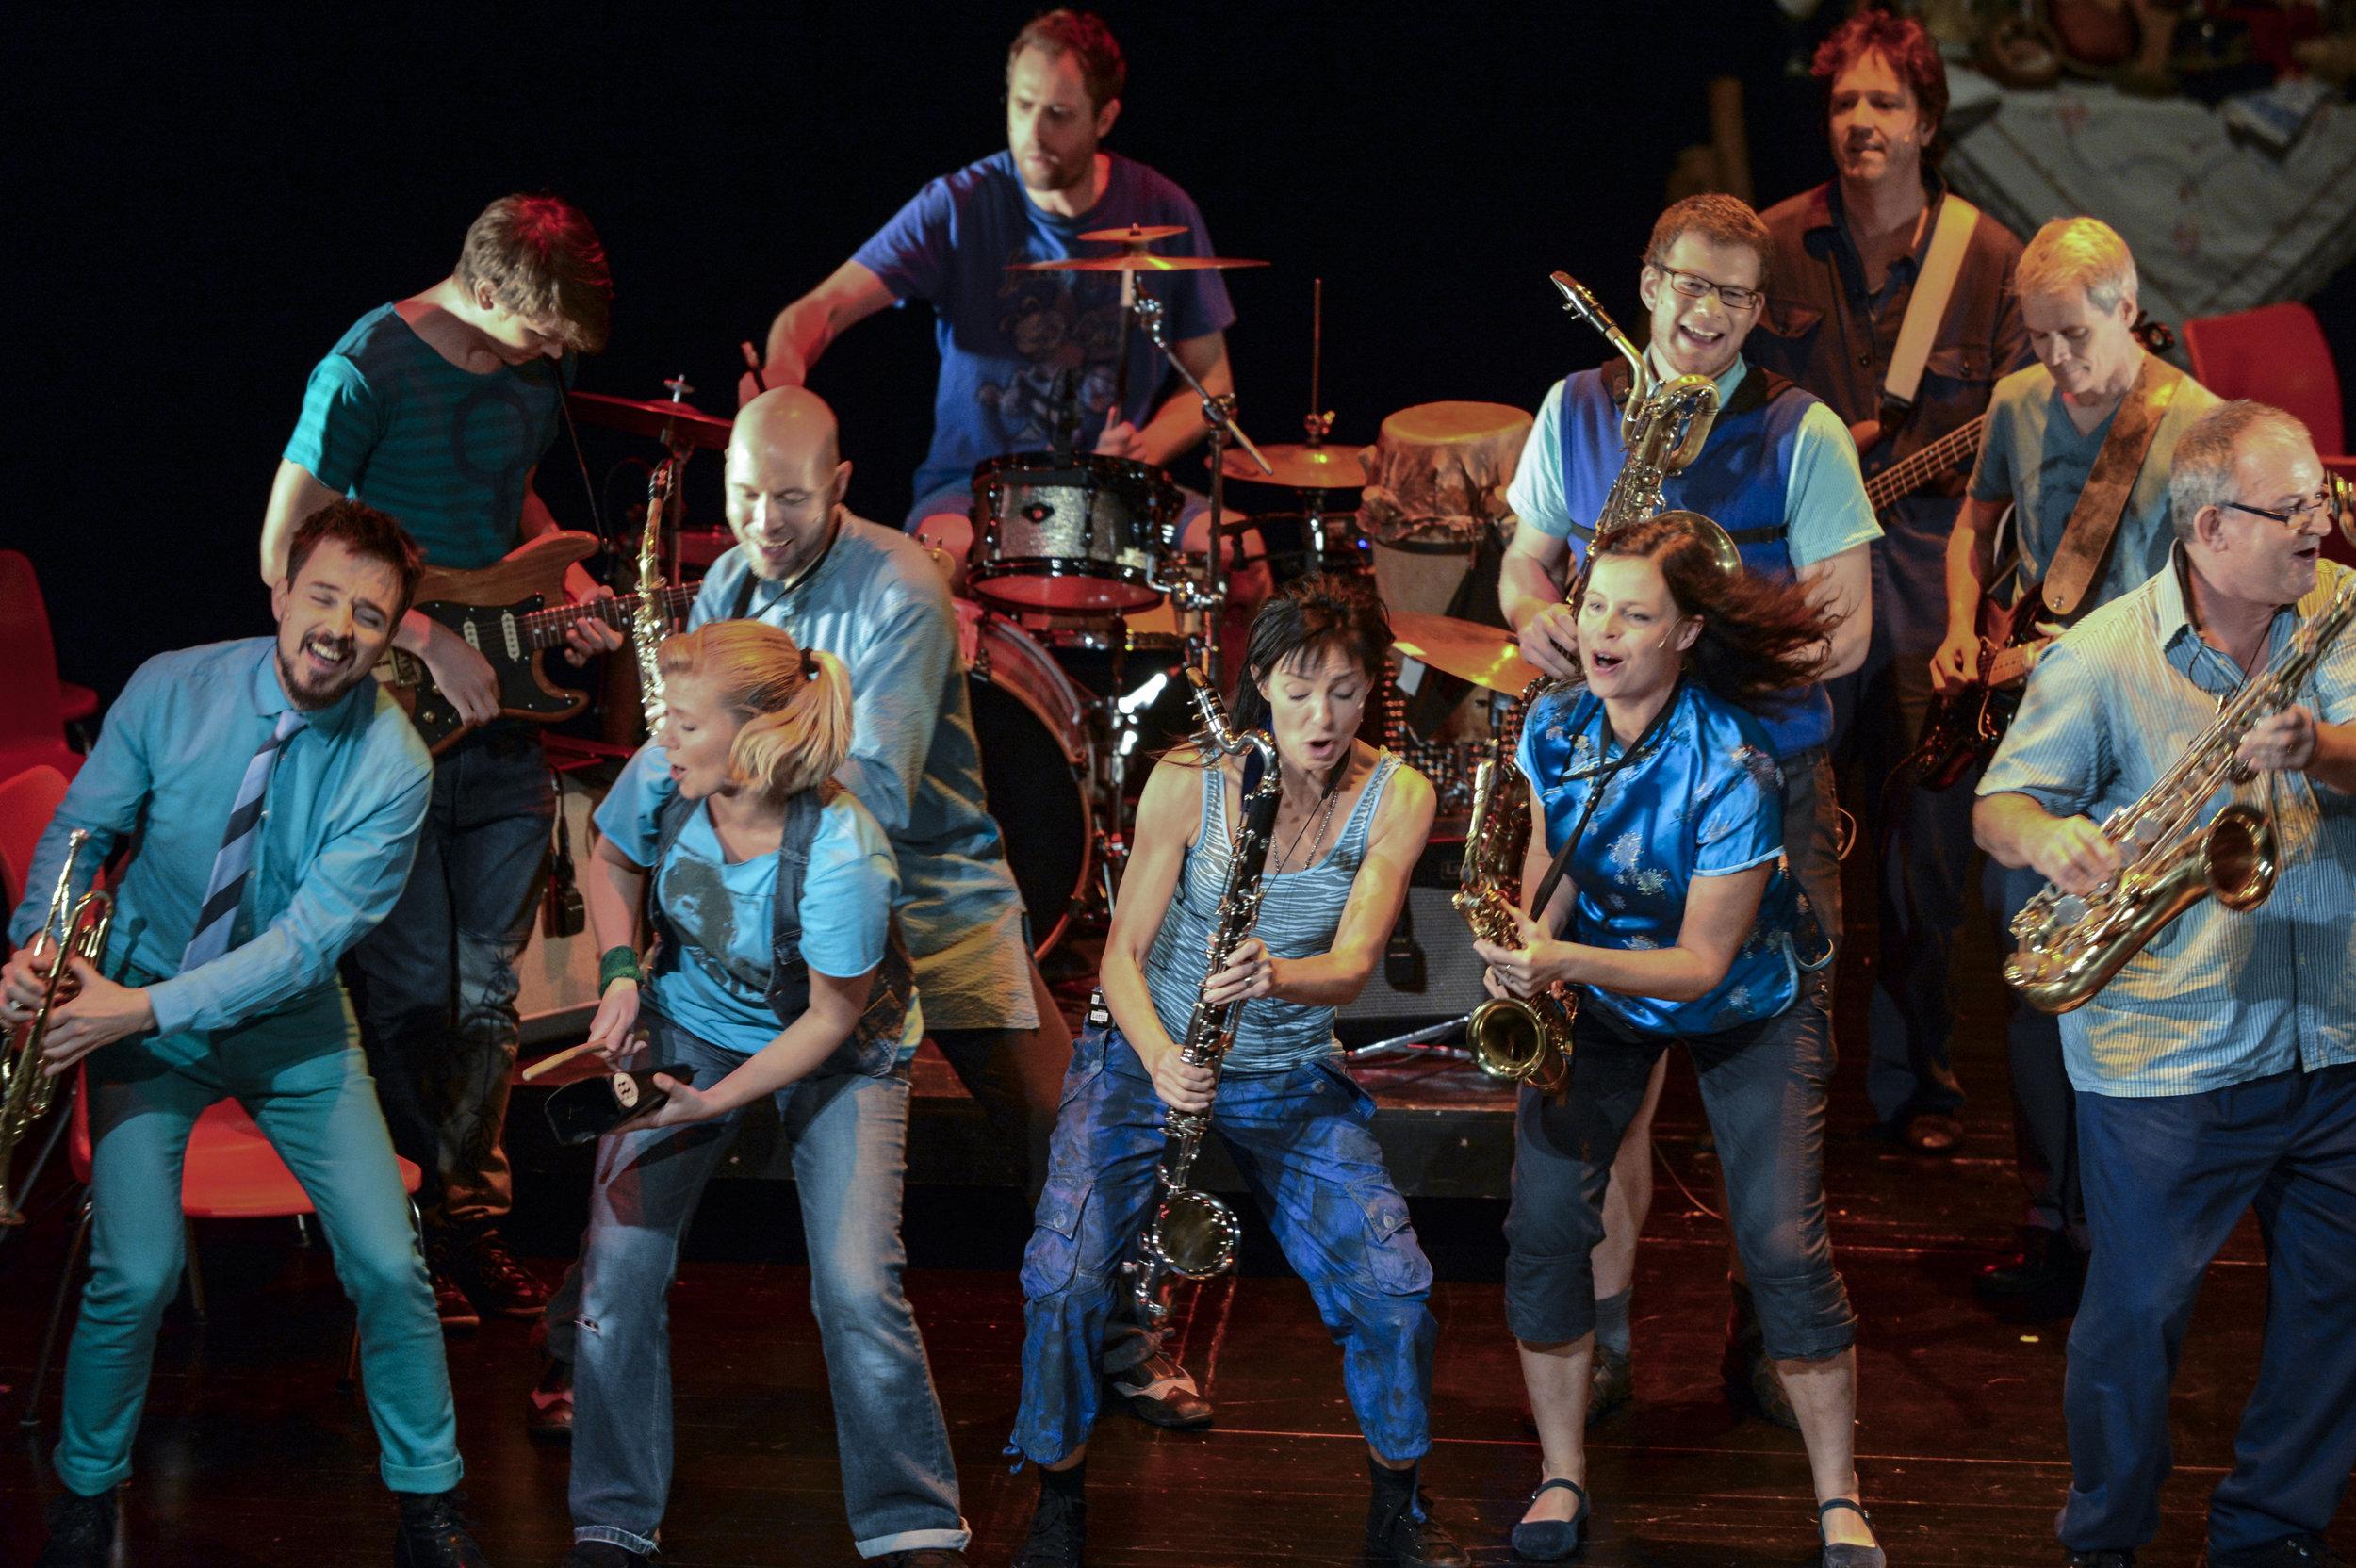 Hunger, Folkteatern 2012. Fotograf: Patrik Gunnar Helin. Klicka för högupplöst version.